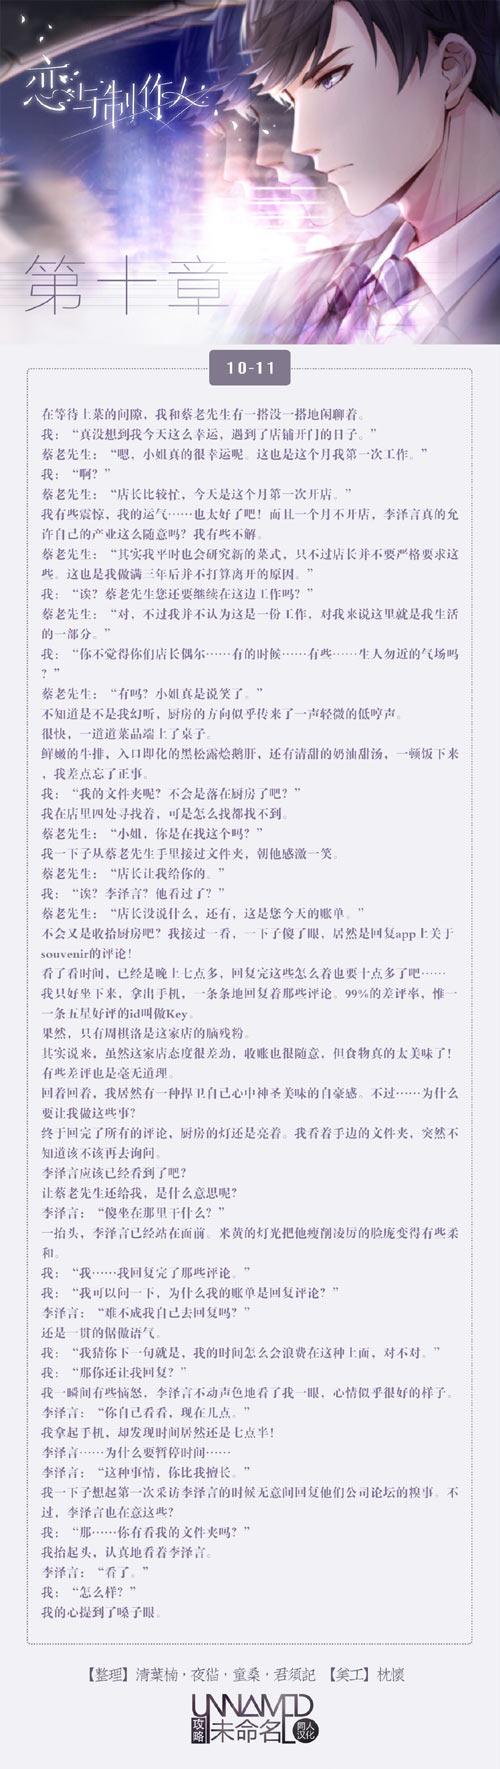 恋与制作人10-11剧情 恋与制作人第十章剧情